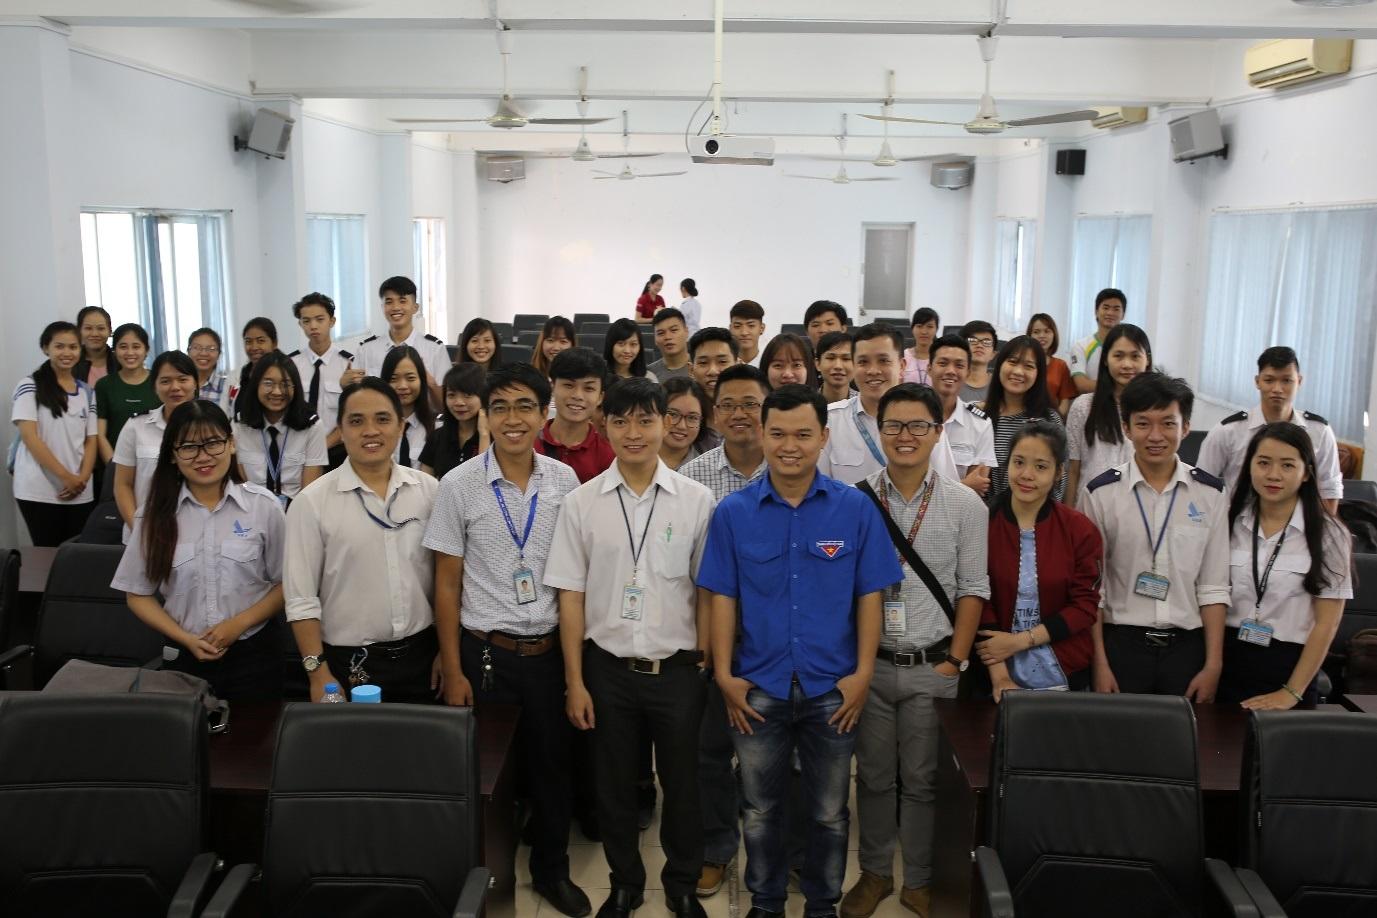 Đoàn thanh niên Công ty Quản lý bay miền Nam giới thiệu về ngành kiểm soát không lưu với sinh viên học viện Hàng không